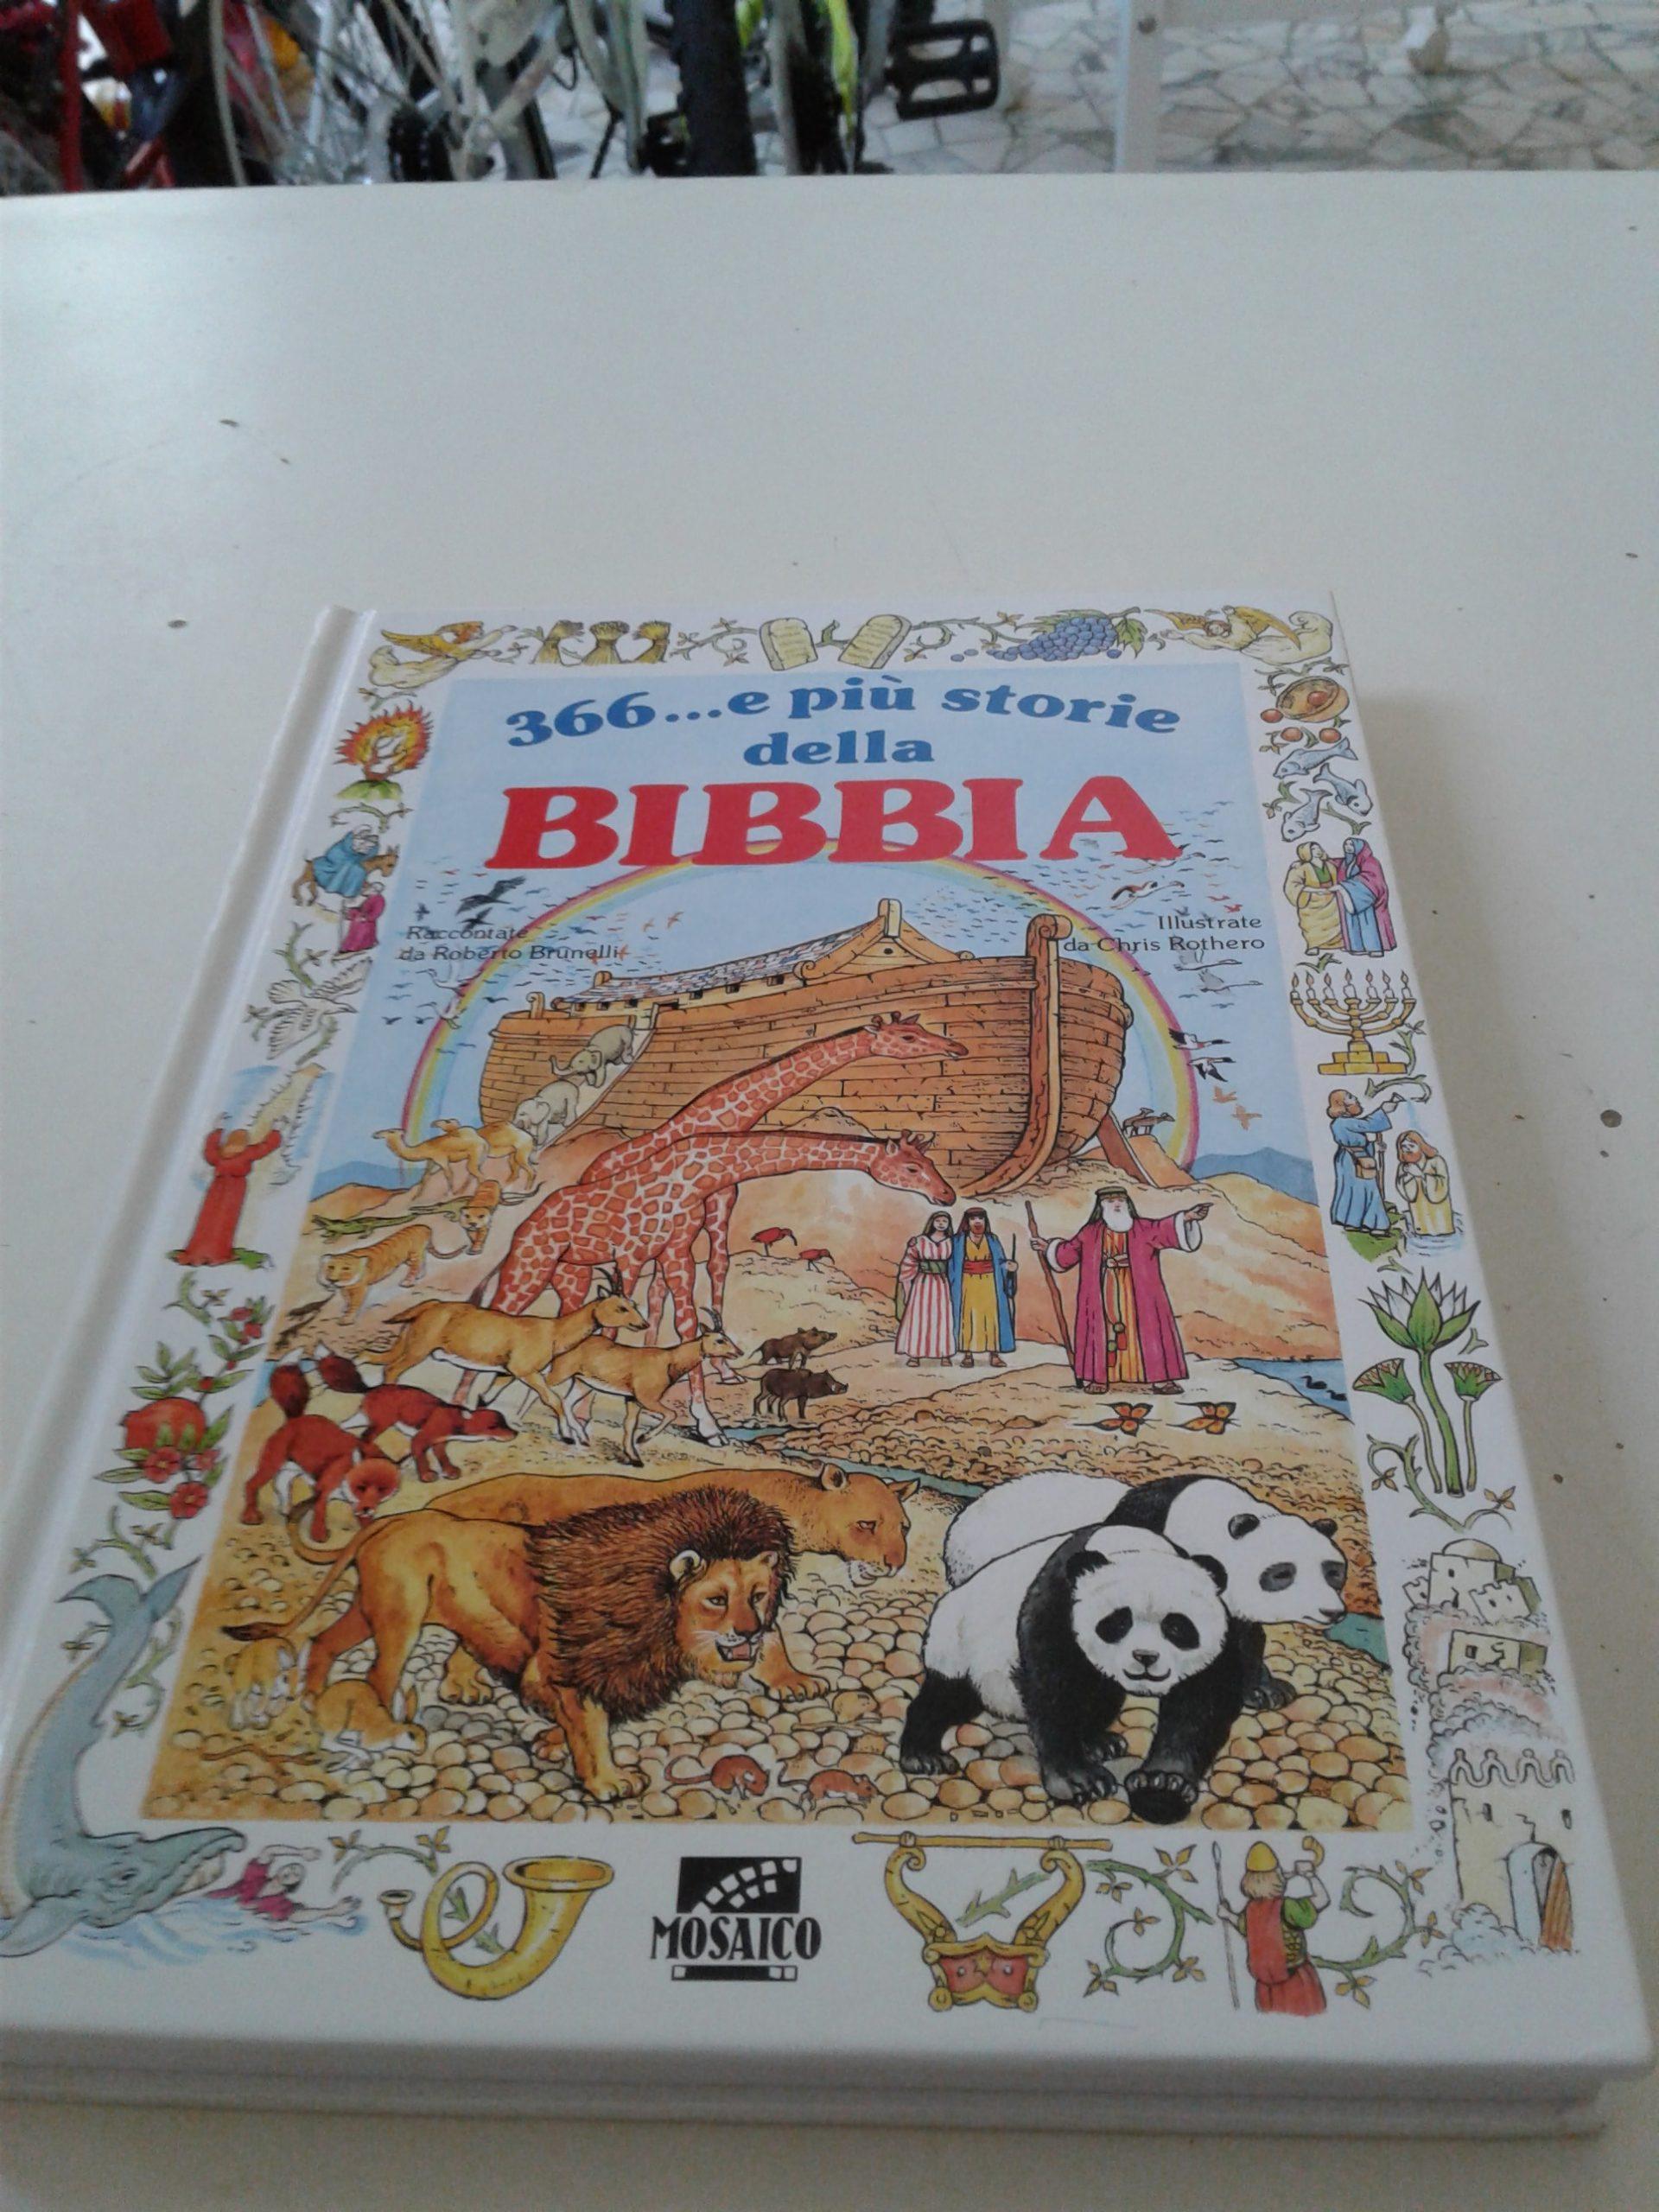 366 e più storie della Bibbia